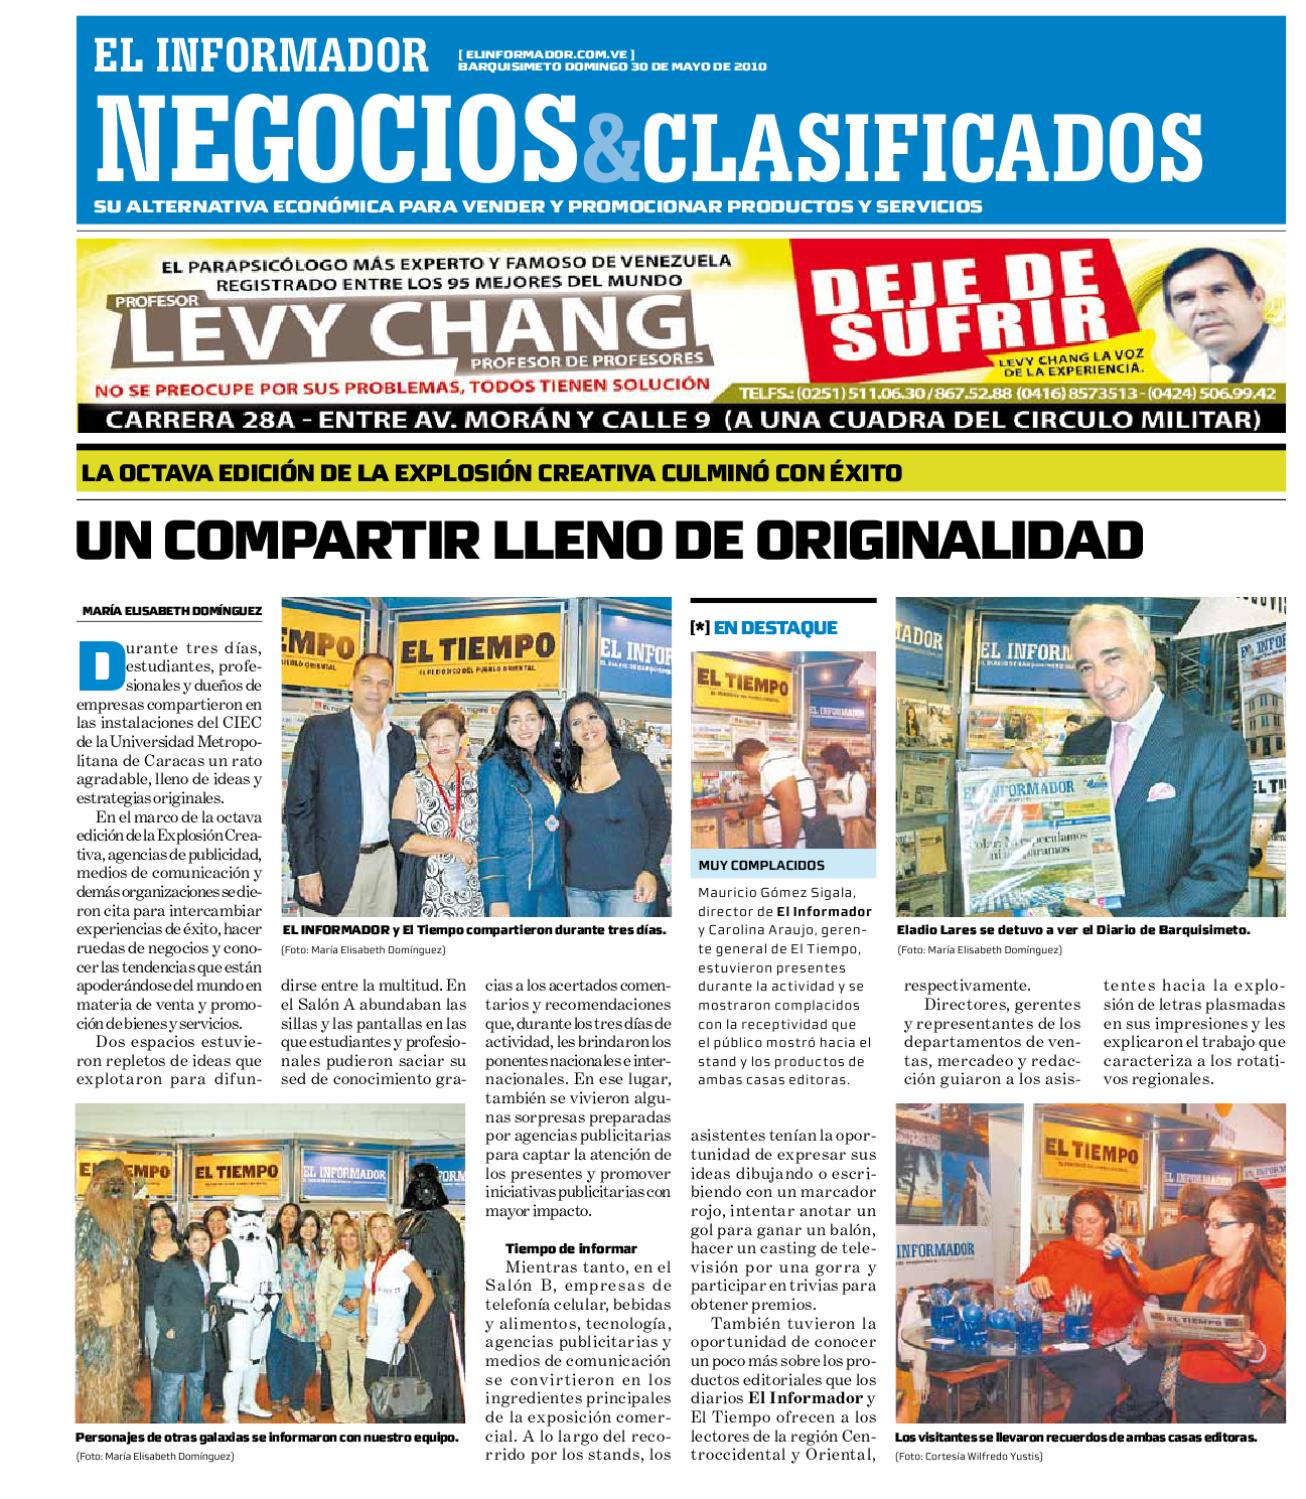 negocios y clasificados 2010.05.30 by El Informador - Diario online  Venezolano - issuu afa5db870f3